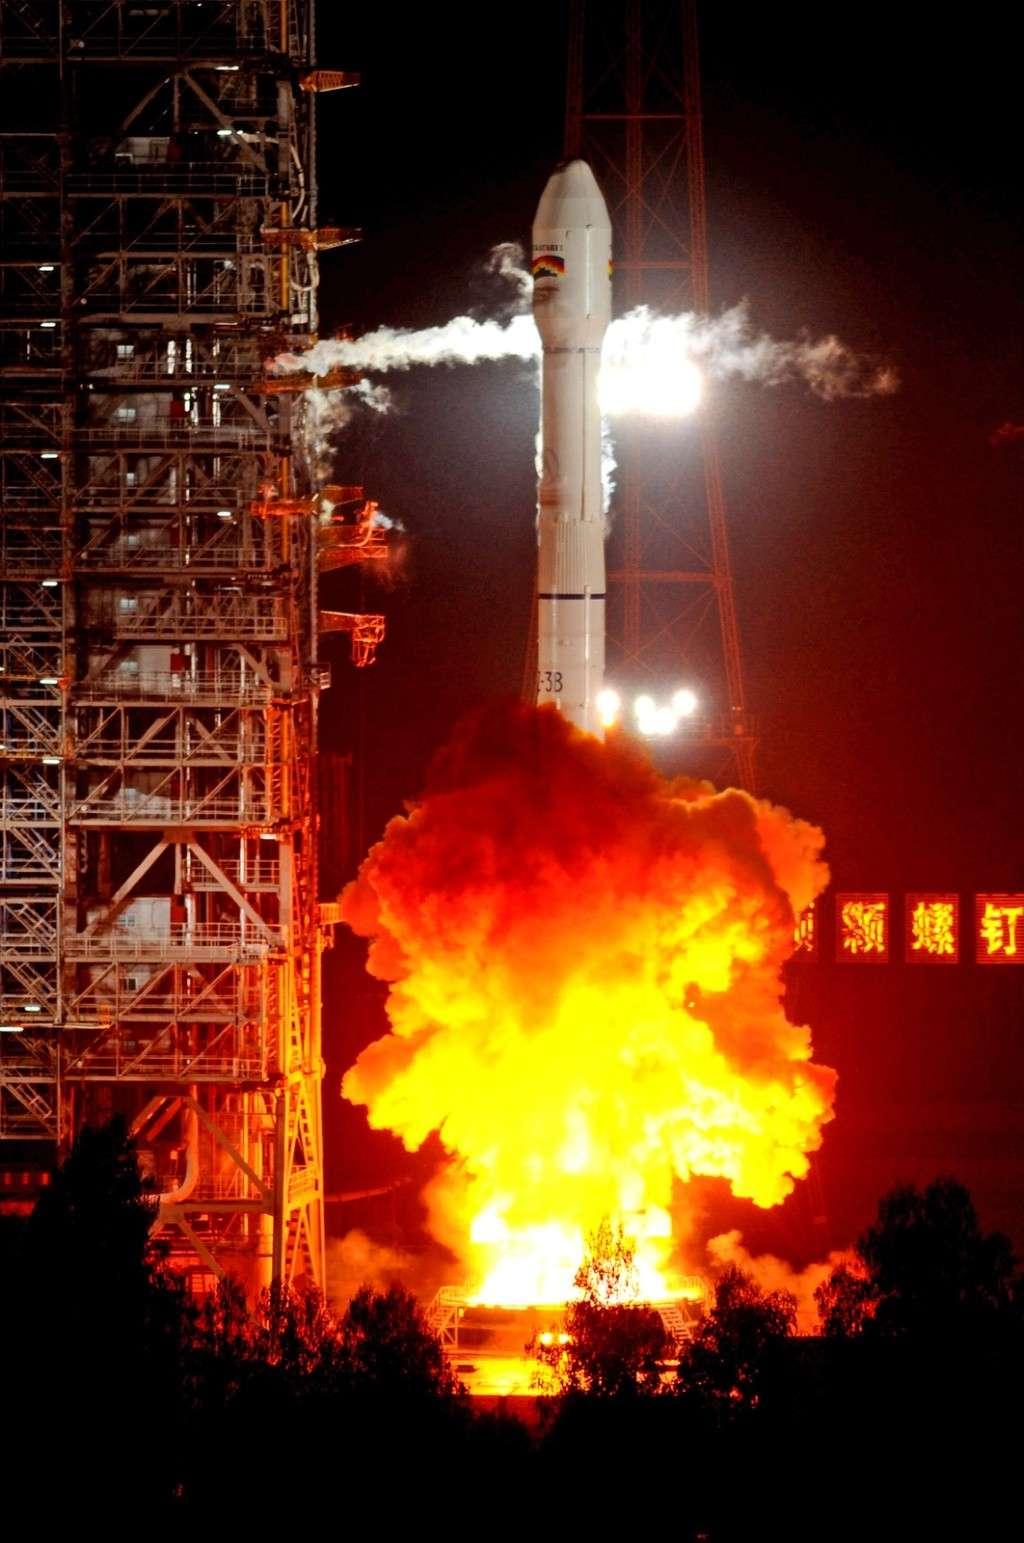 Lancement CZ-3B / TKSat-1 à XSLC - Le 21 Décembre 2013 - [Succès]  Milita49